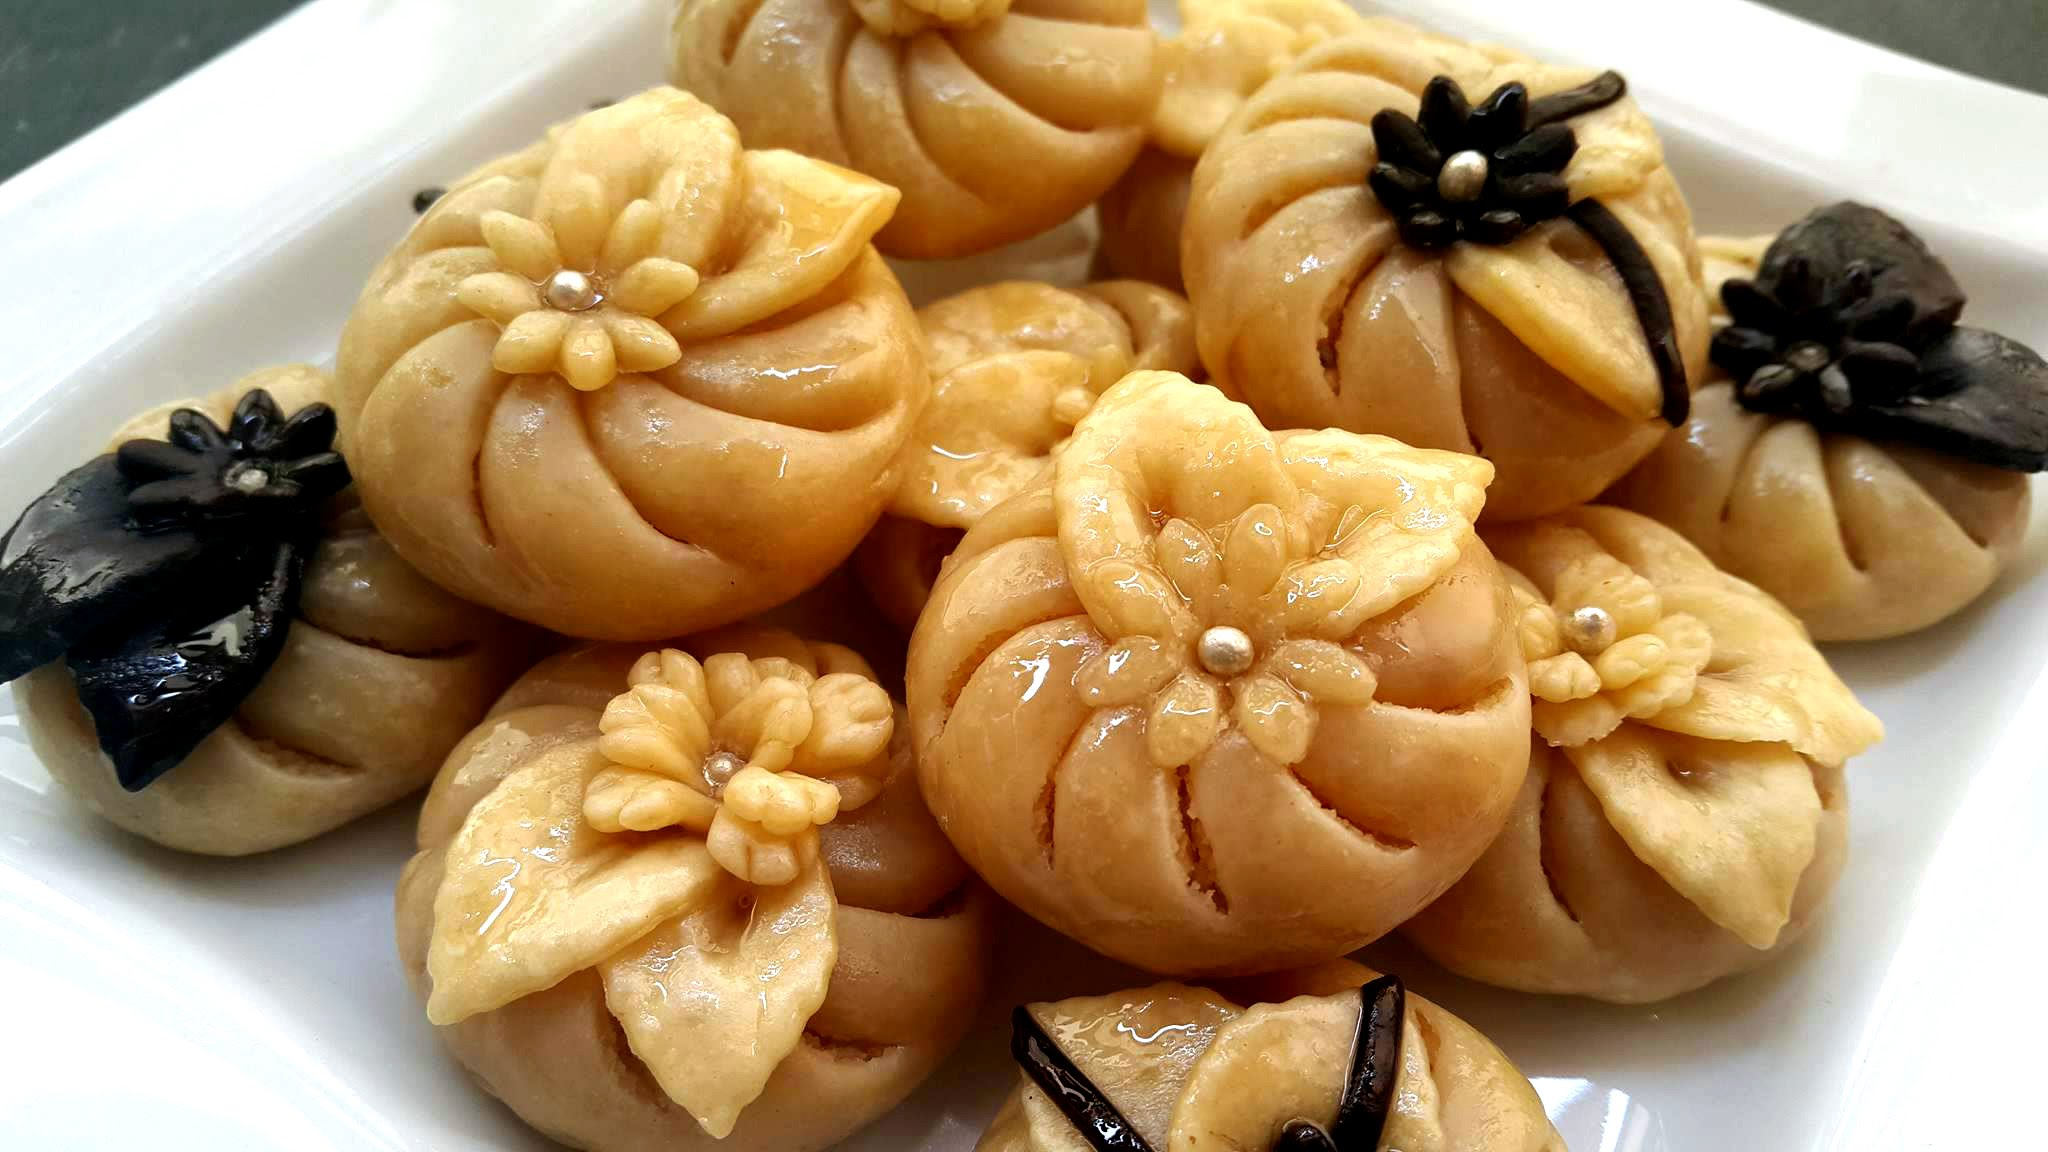 صورة الحلويات المغربية بالصور والمقادير , حلويات مغربيه بطرق مختلفه